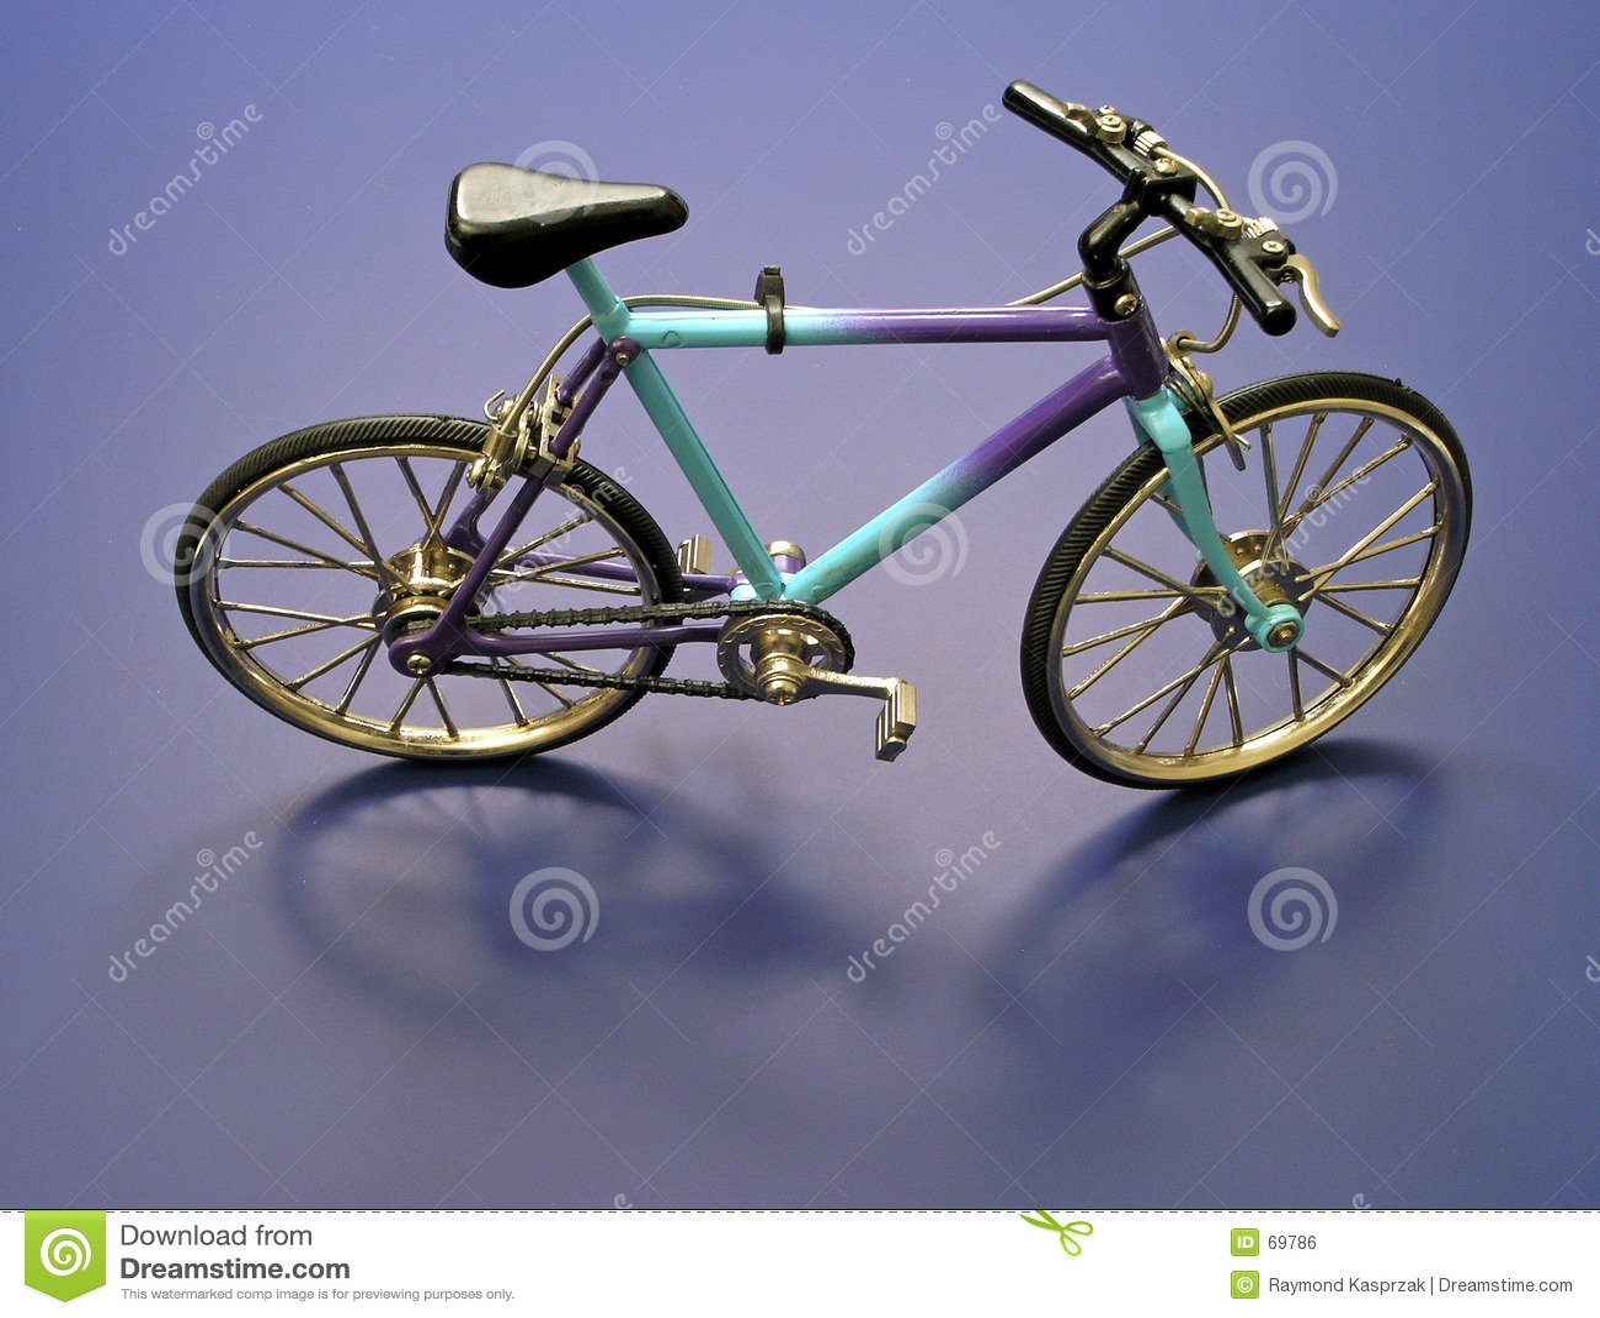 ποδήλατο ένα